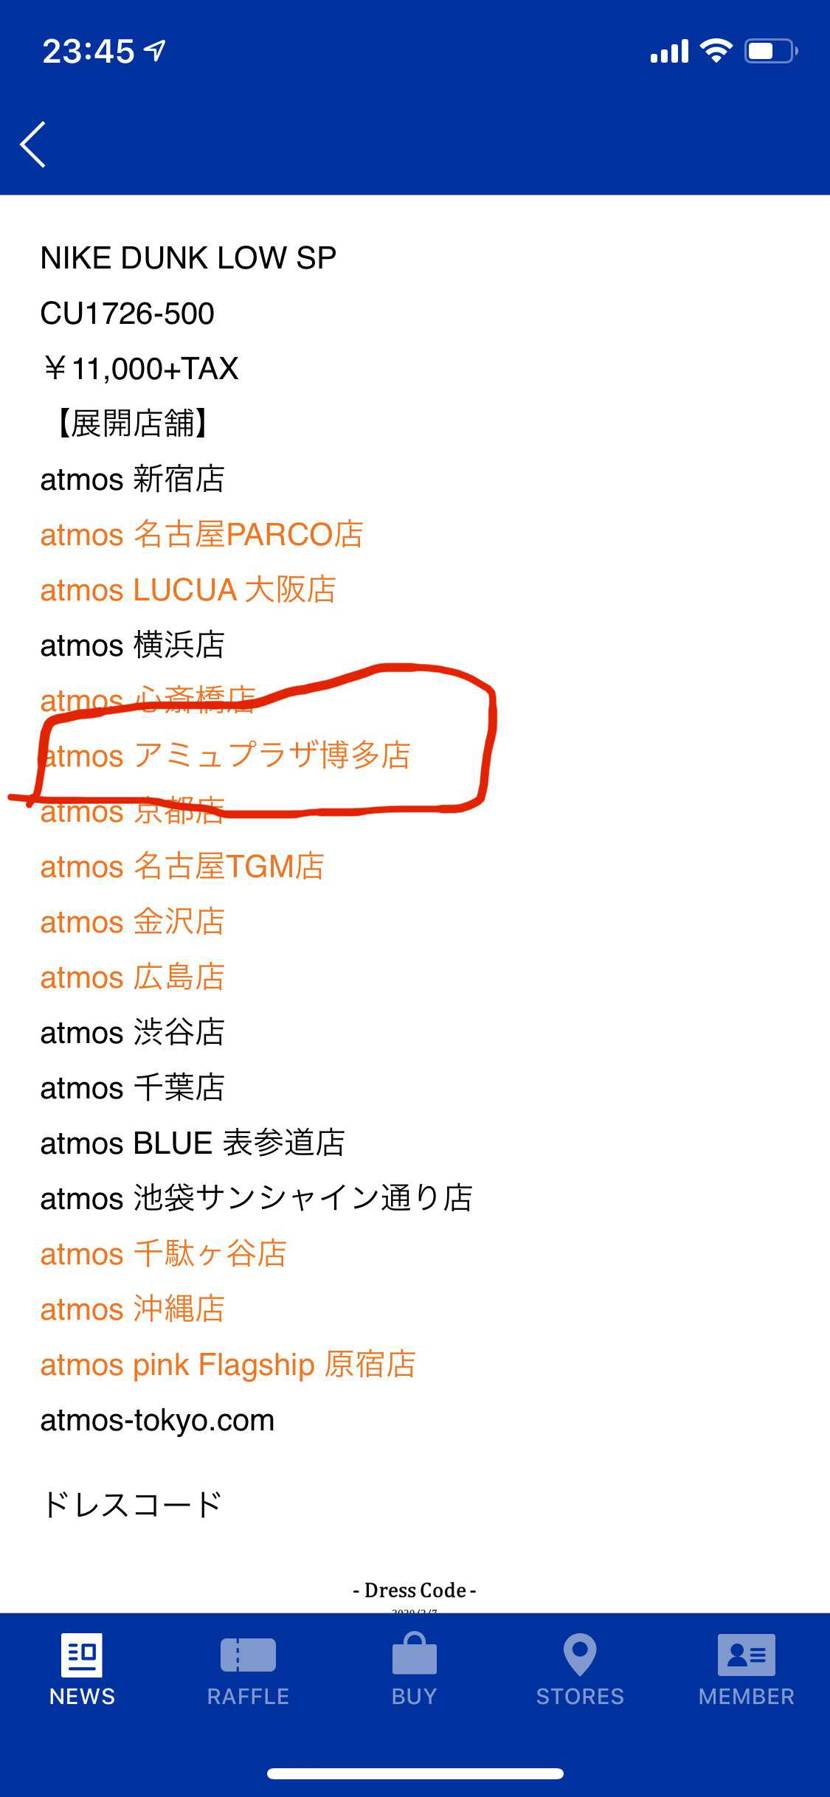 atmos博多はどこに並ぶか分かる方教えください。